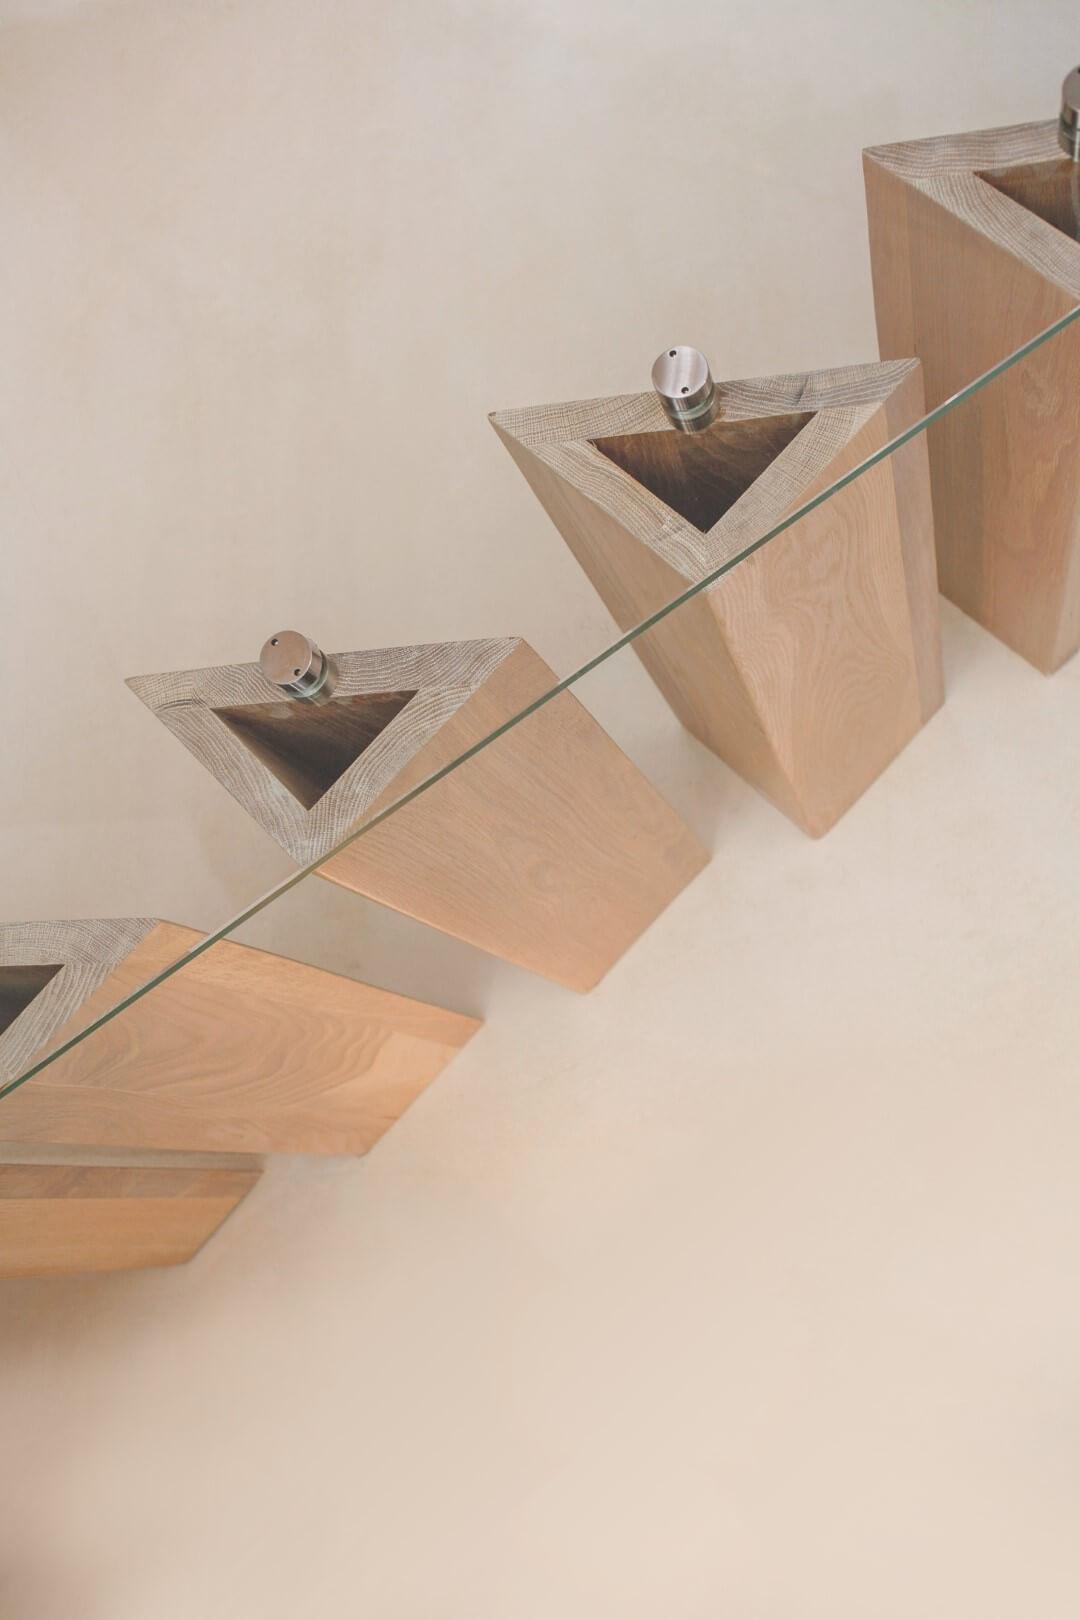 מדרכי עץ אלון משולשים כאילו מרחפים באוויר ויחד בונים את מדרגות העץ הצפות האלה